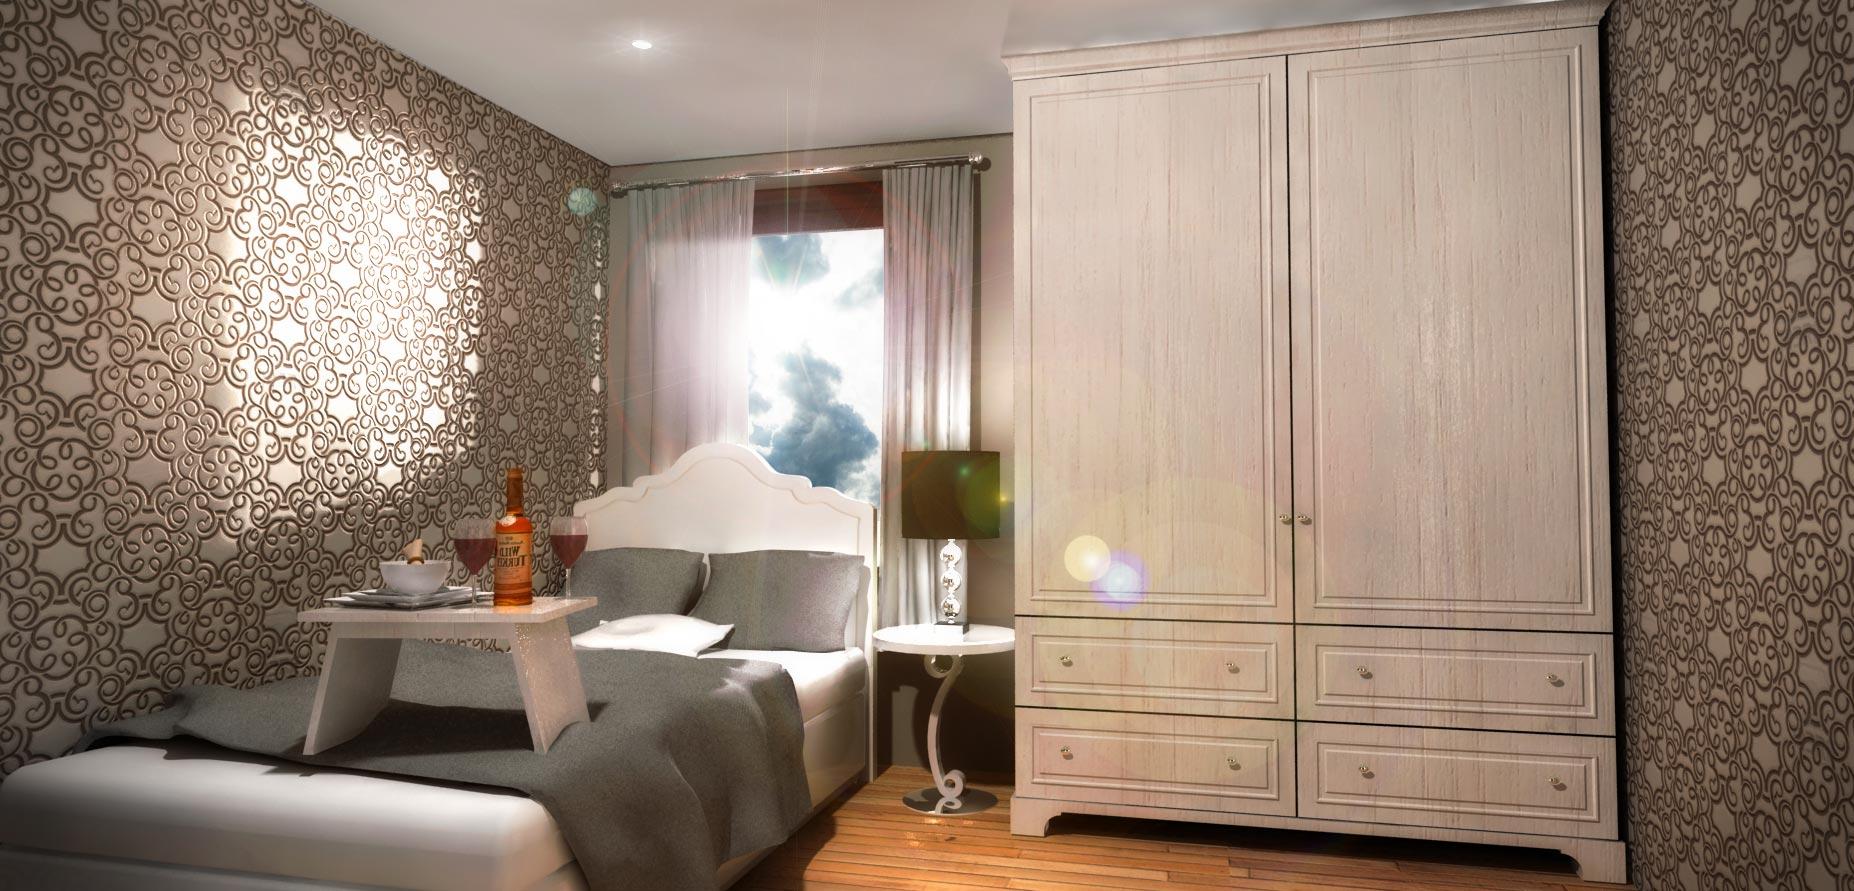 Eidhoven-Apartment---BEDROOM